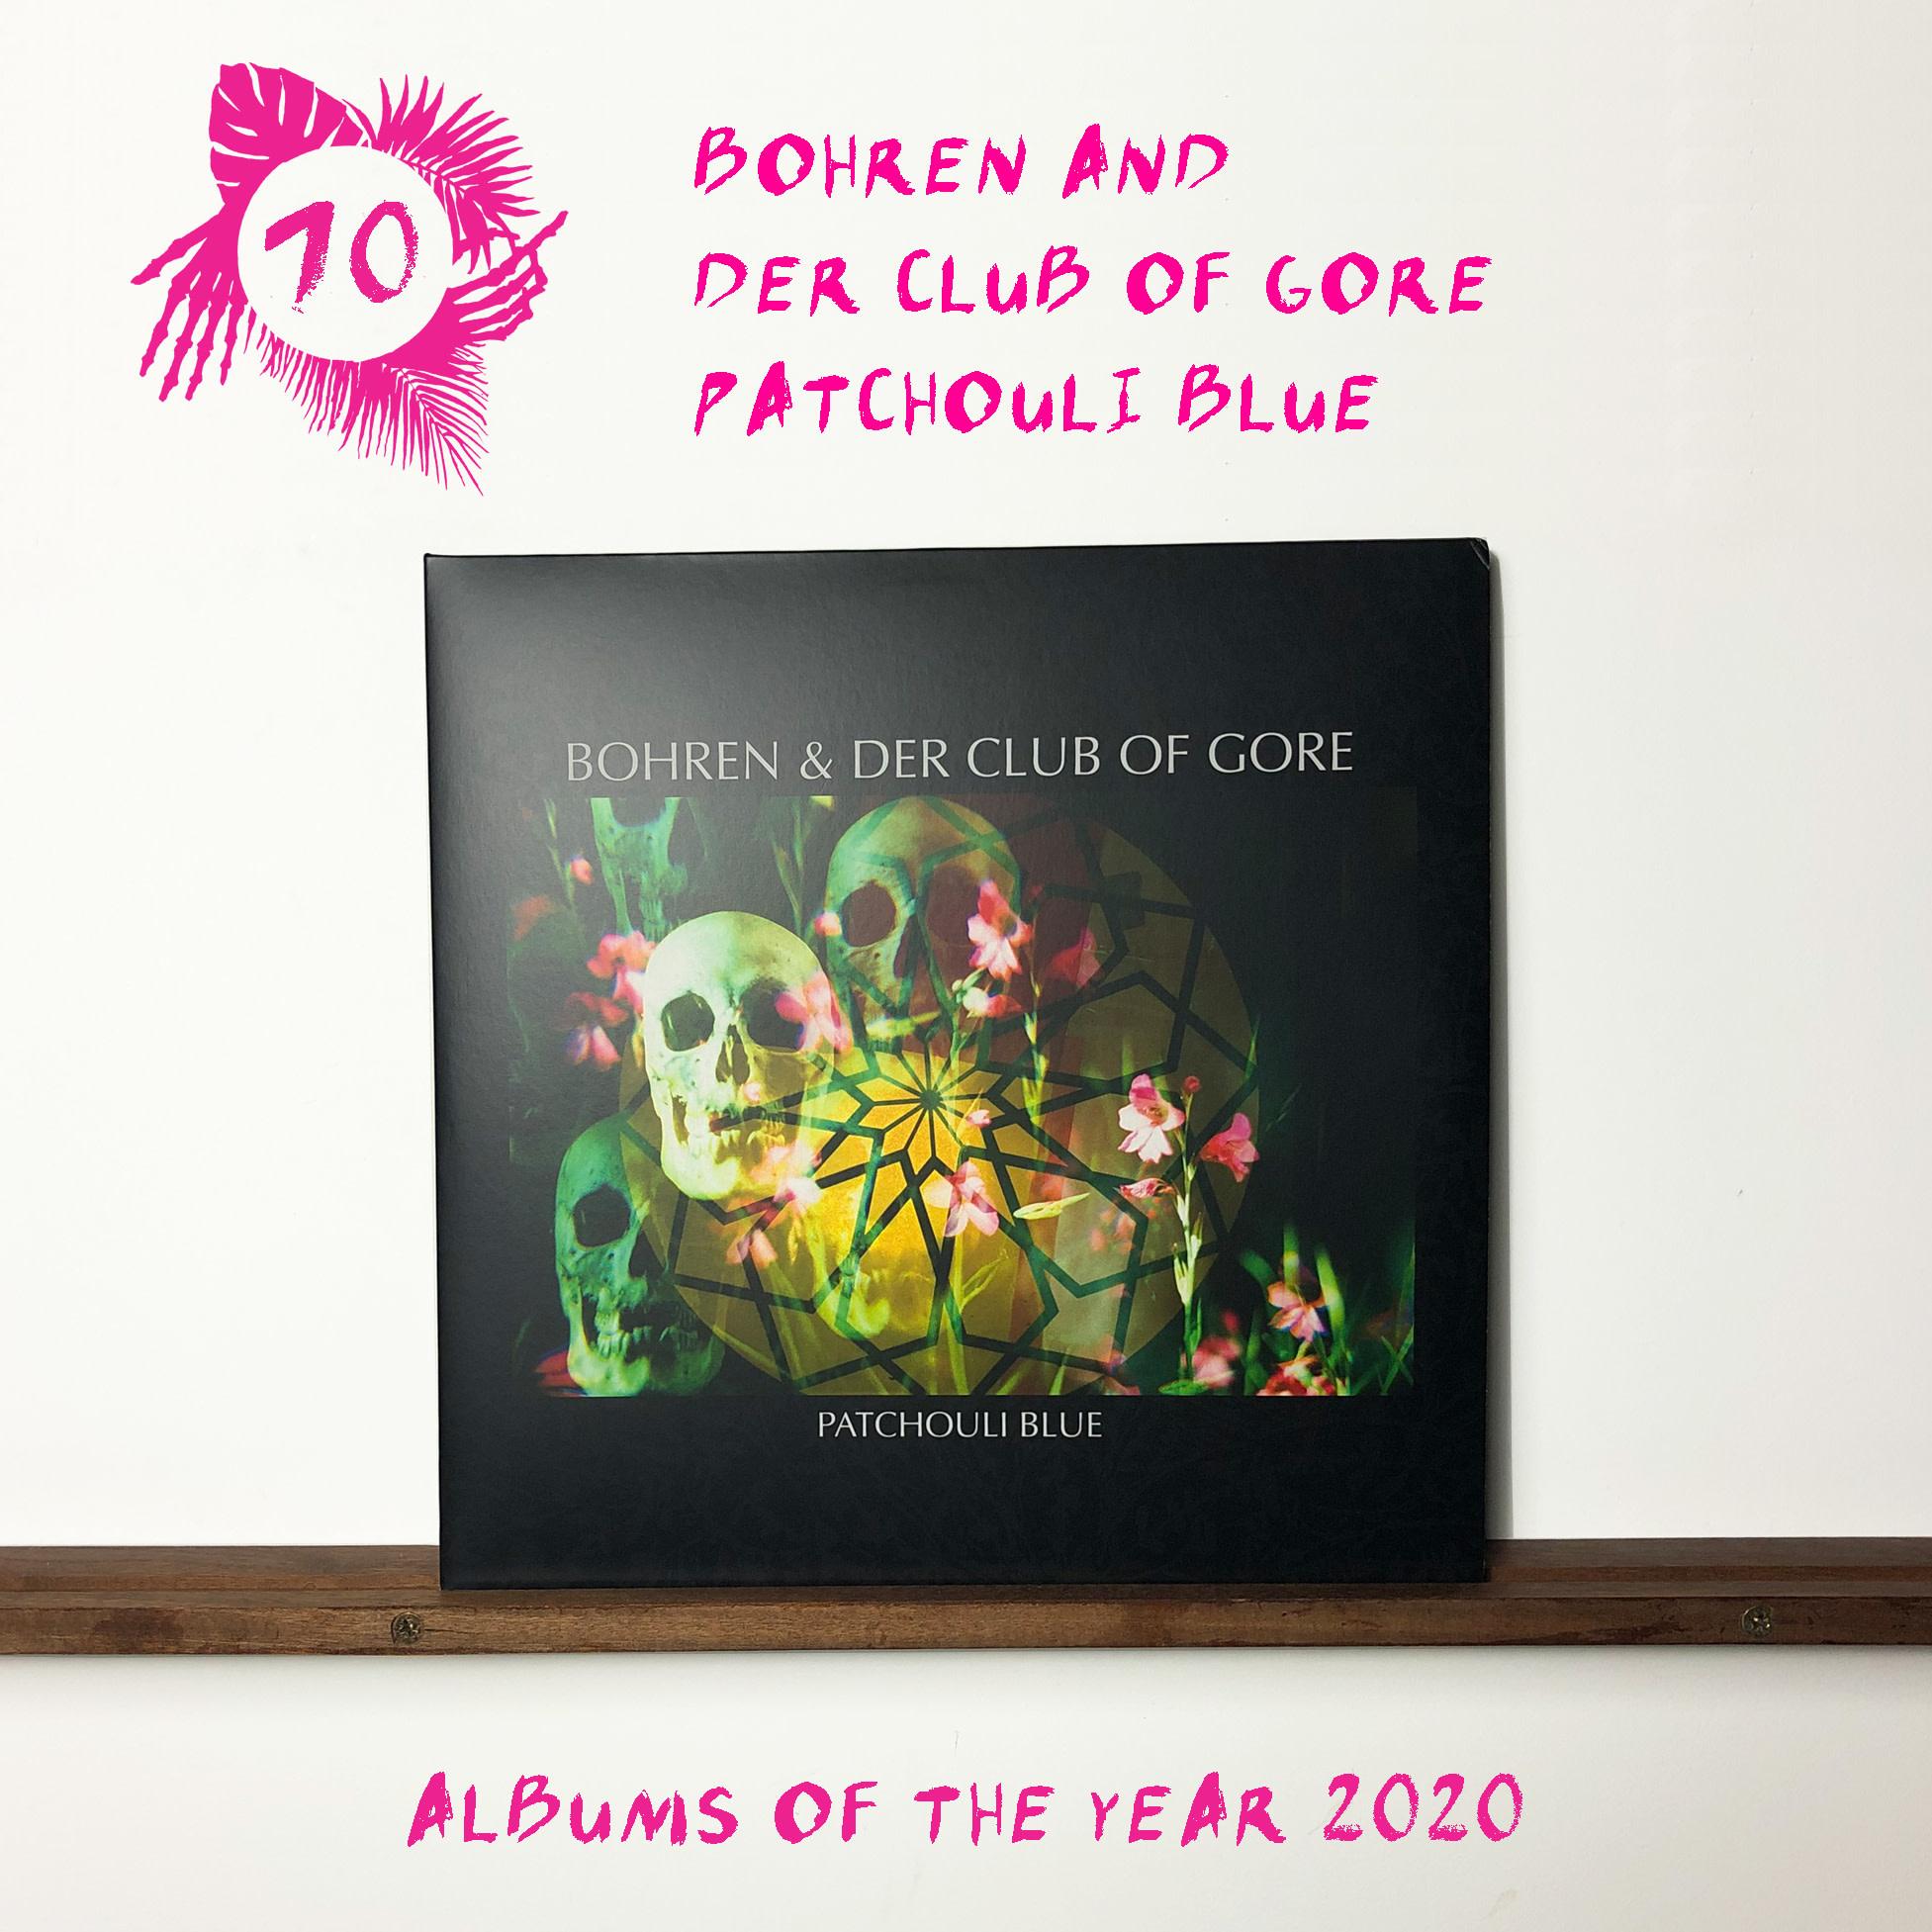 Play It Again Sam Bohren & der Club of Gore - Patchouli Blue